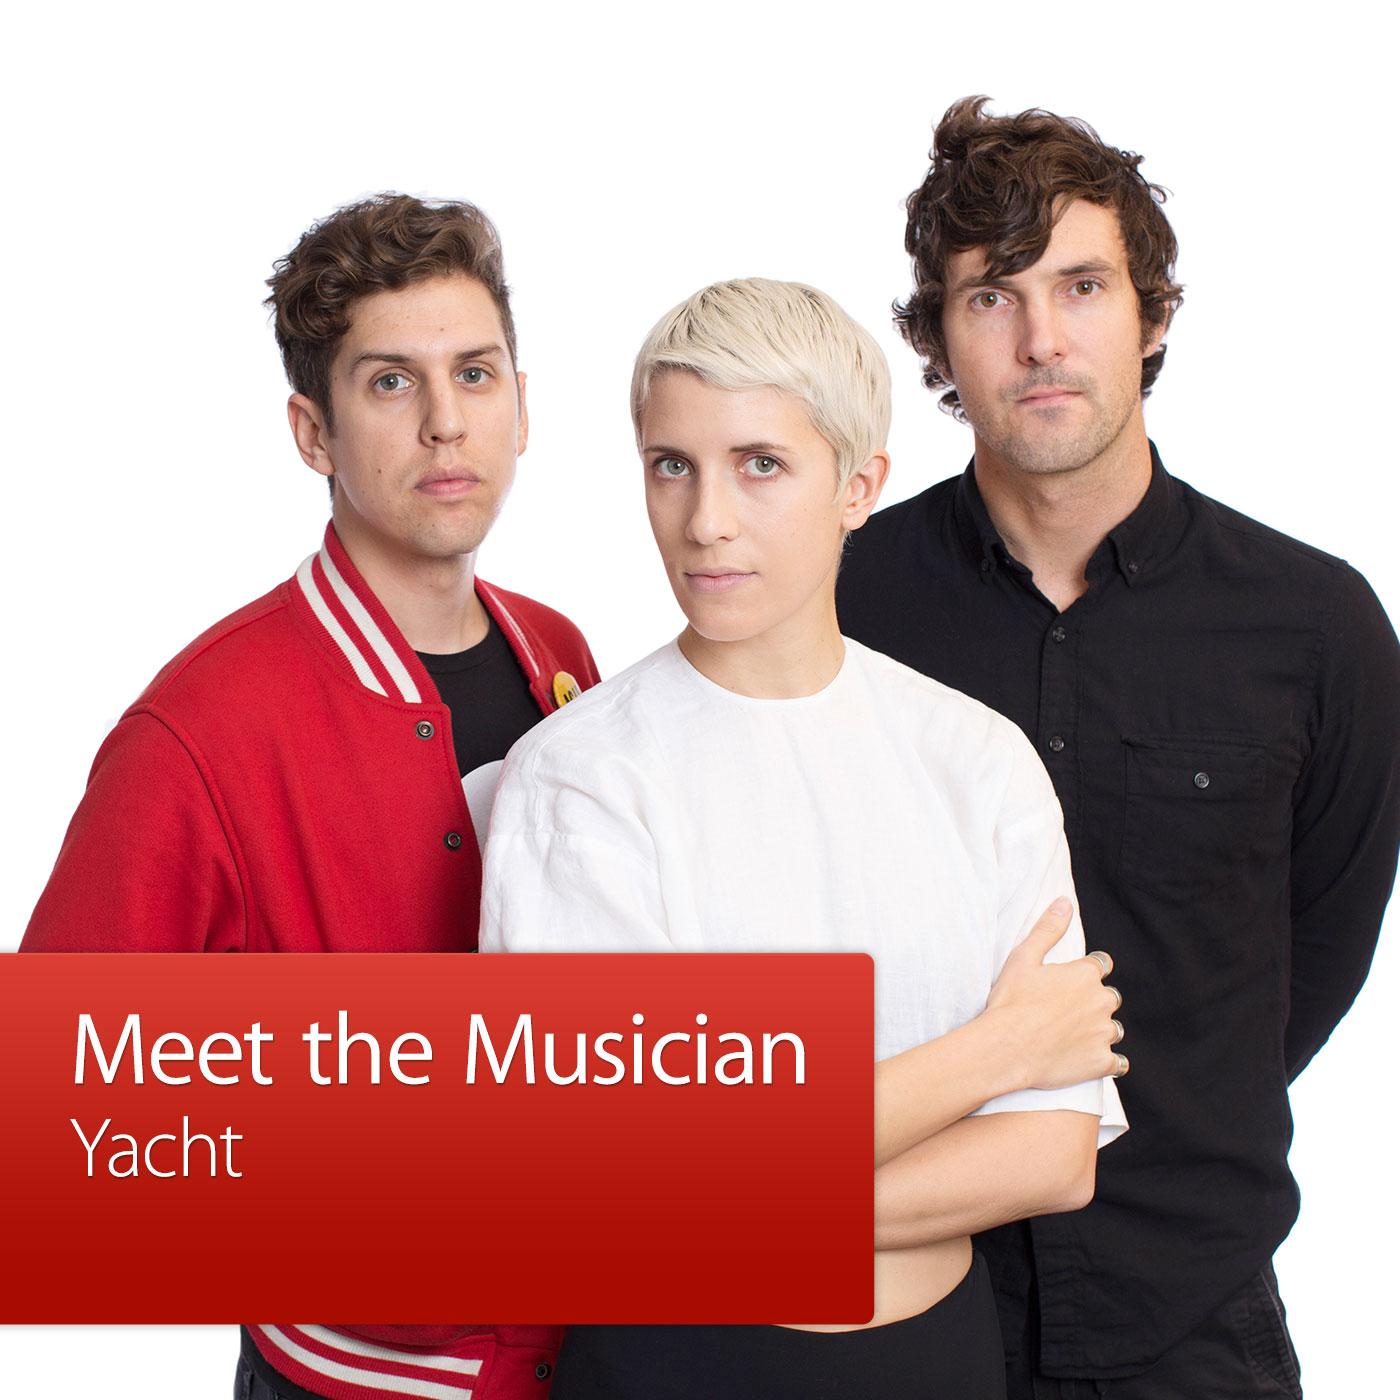 YACHT: Meet the Musician